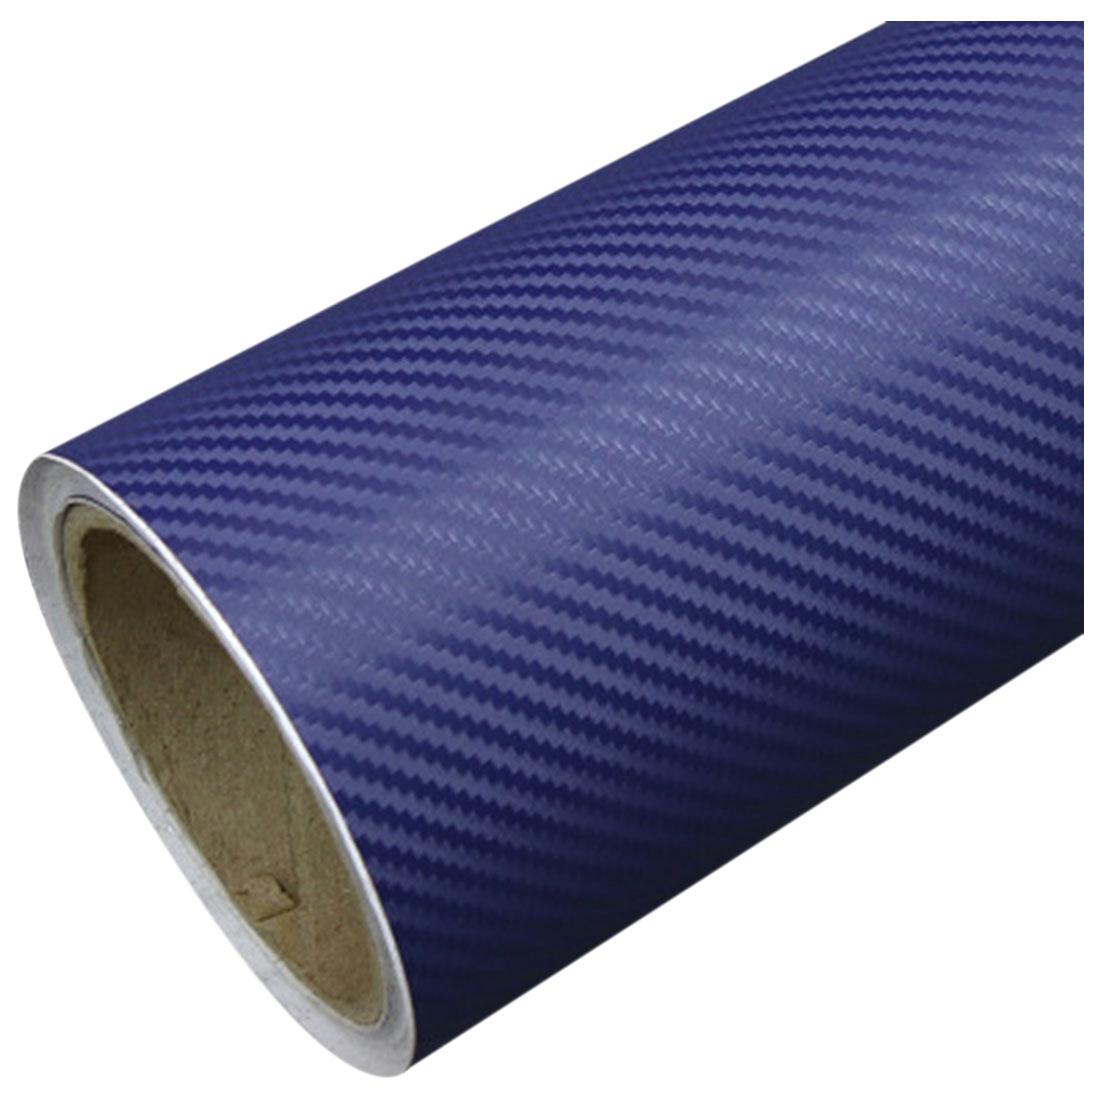 D6 30x127 3d Carbon Fiber Decal Vinyl Film Wrap Roll